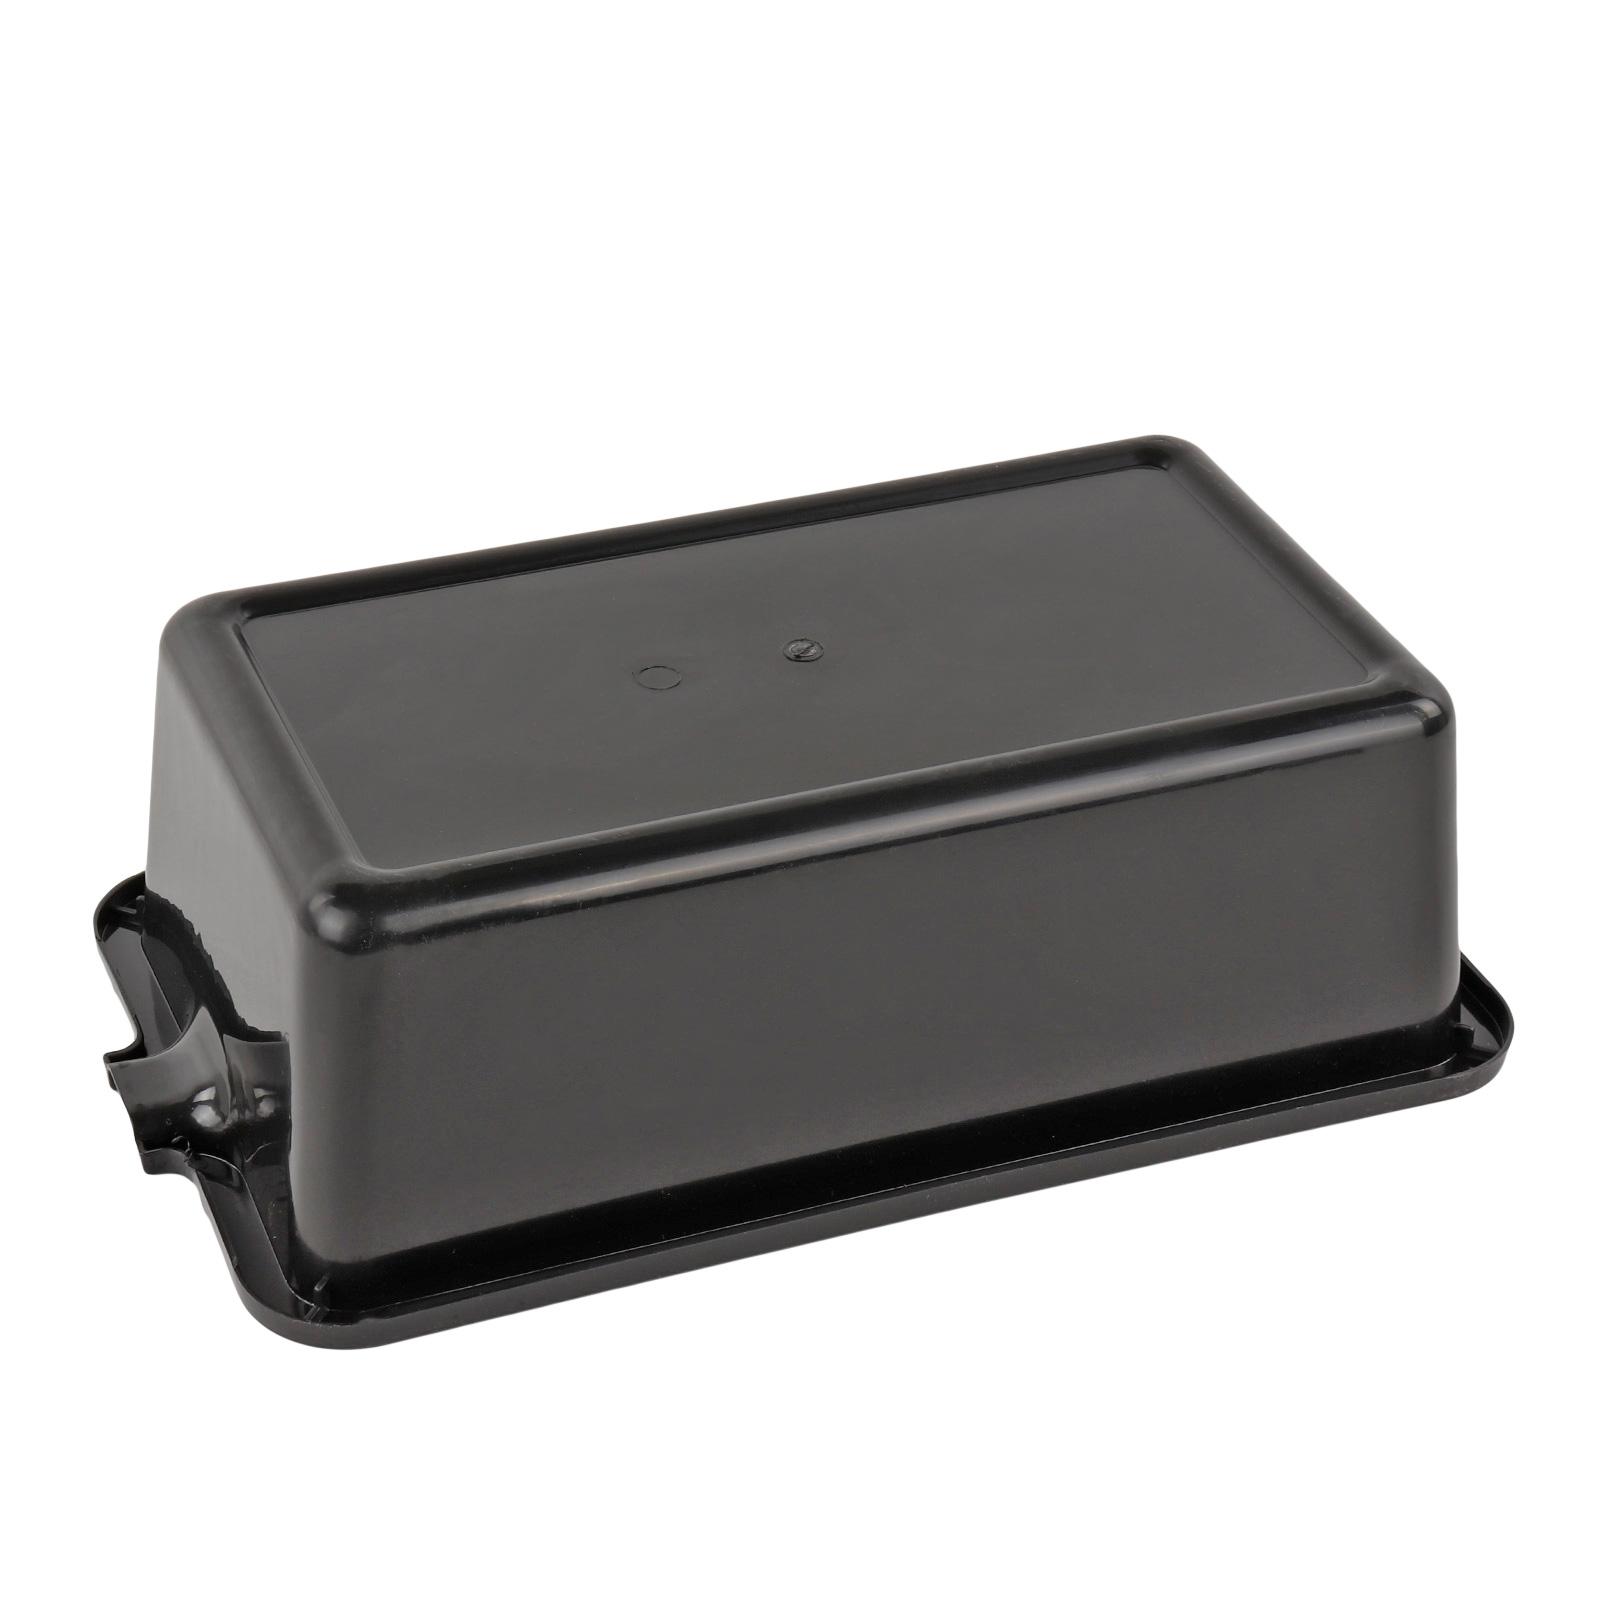 lauffangwanne 6 liter schwarz kunststoff mit ausgie er. Black Bedroom Furniture Sets. Home Design Ideas